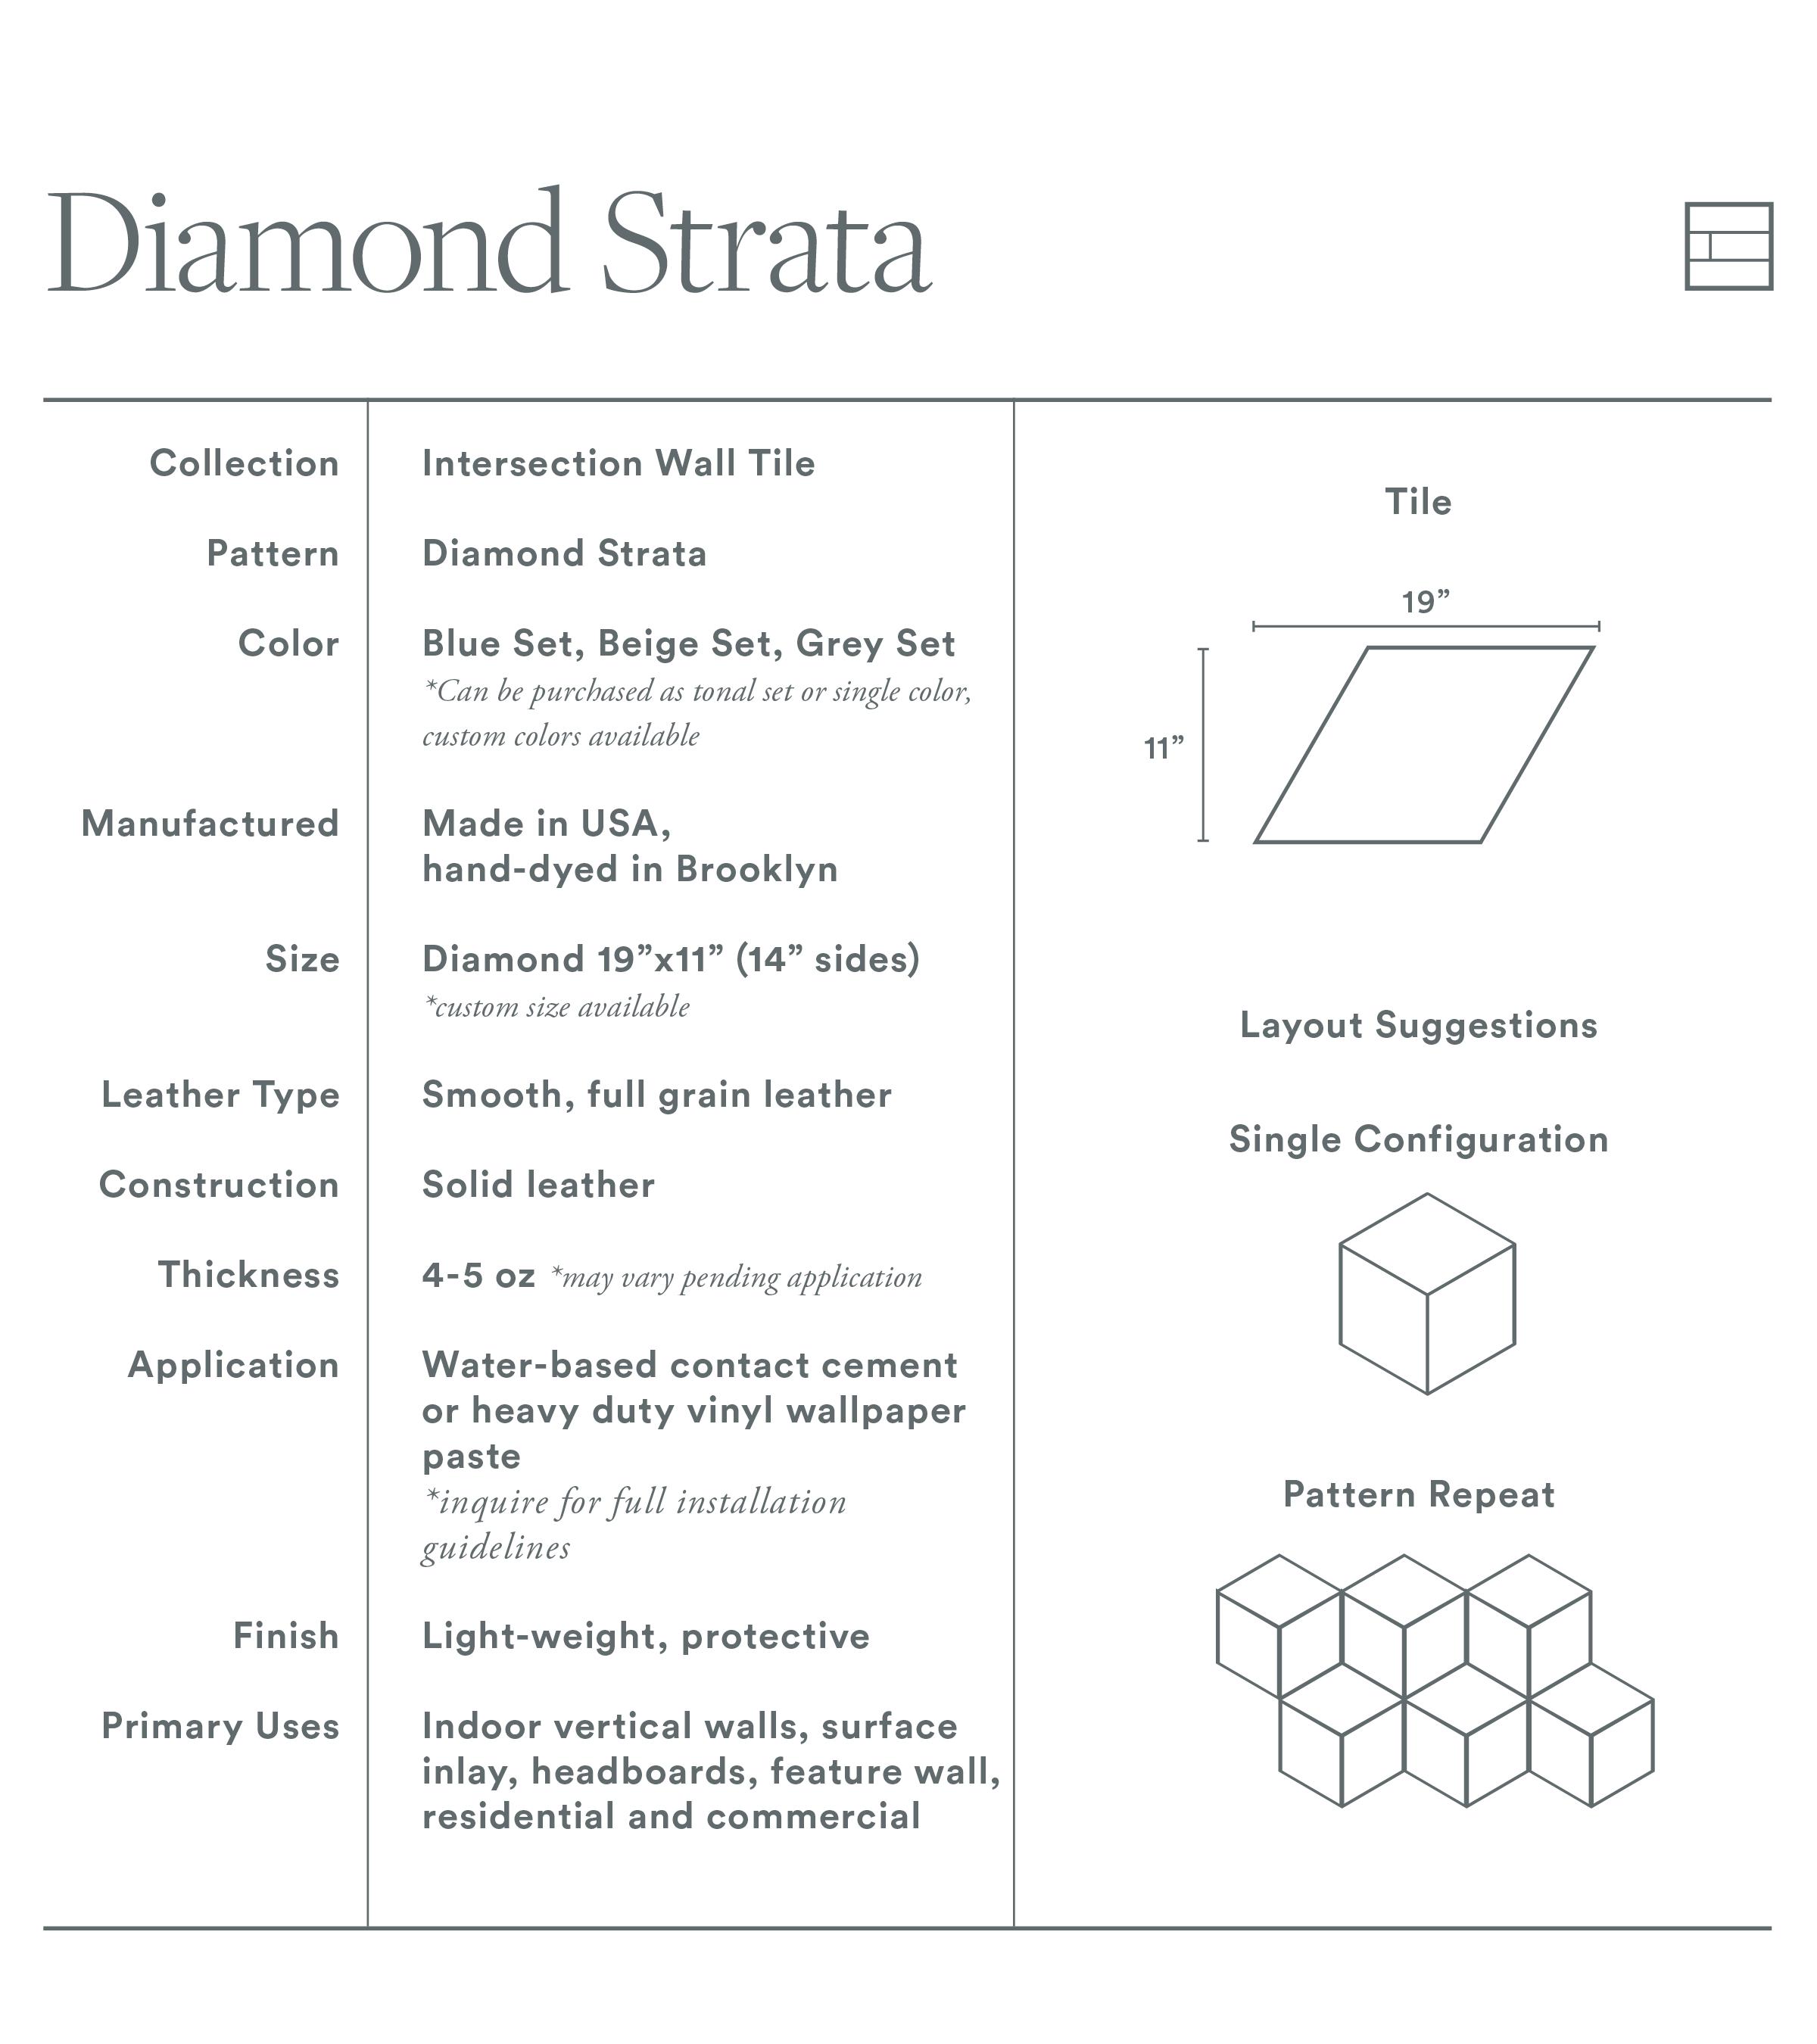 Diamond Strata